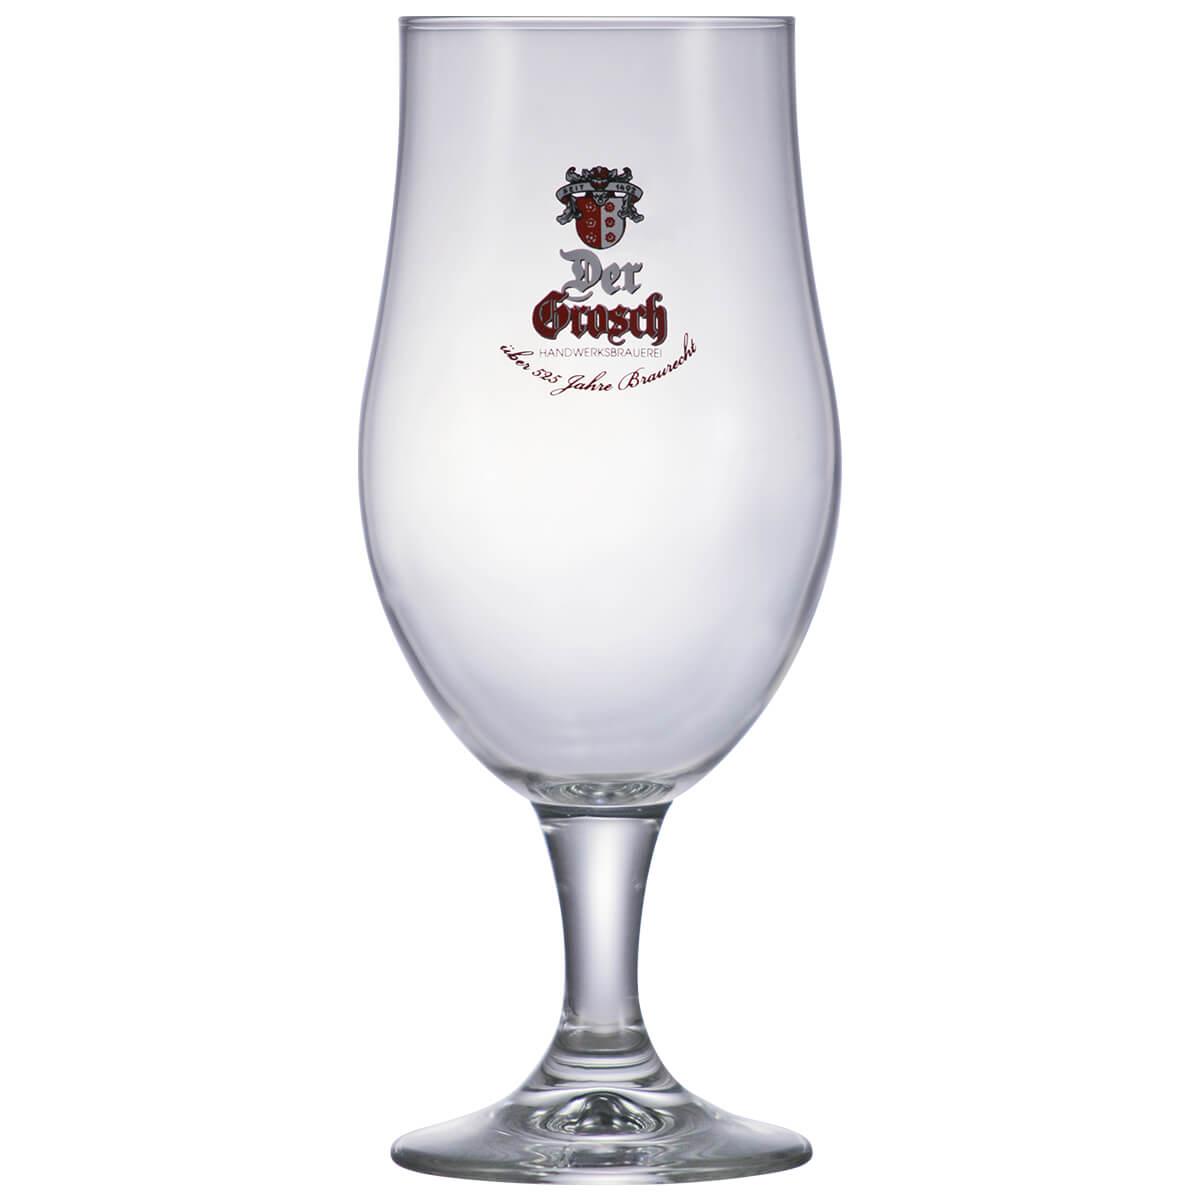 Taça de Cerveja Vidro Der Grosch 400ml Coleção Cervejas do Mundo